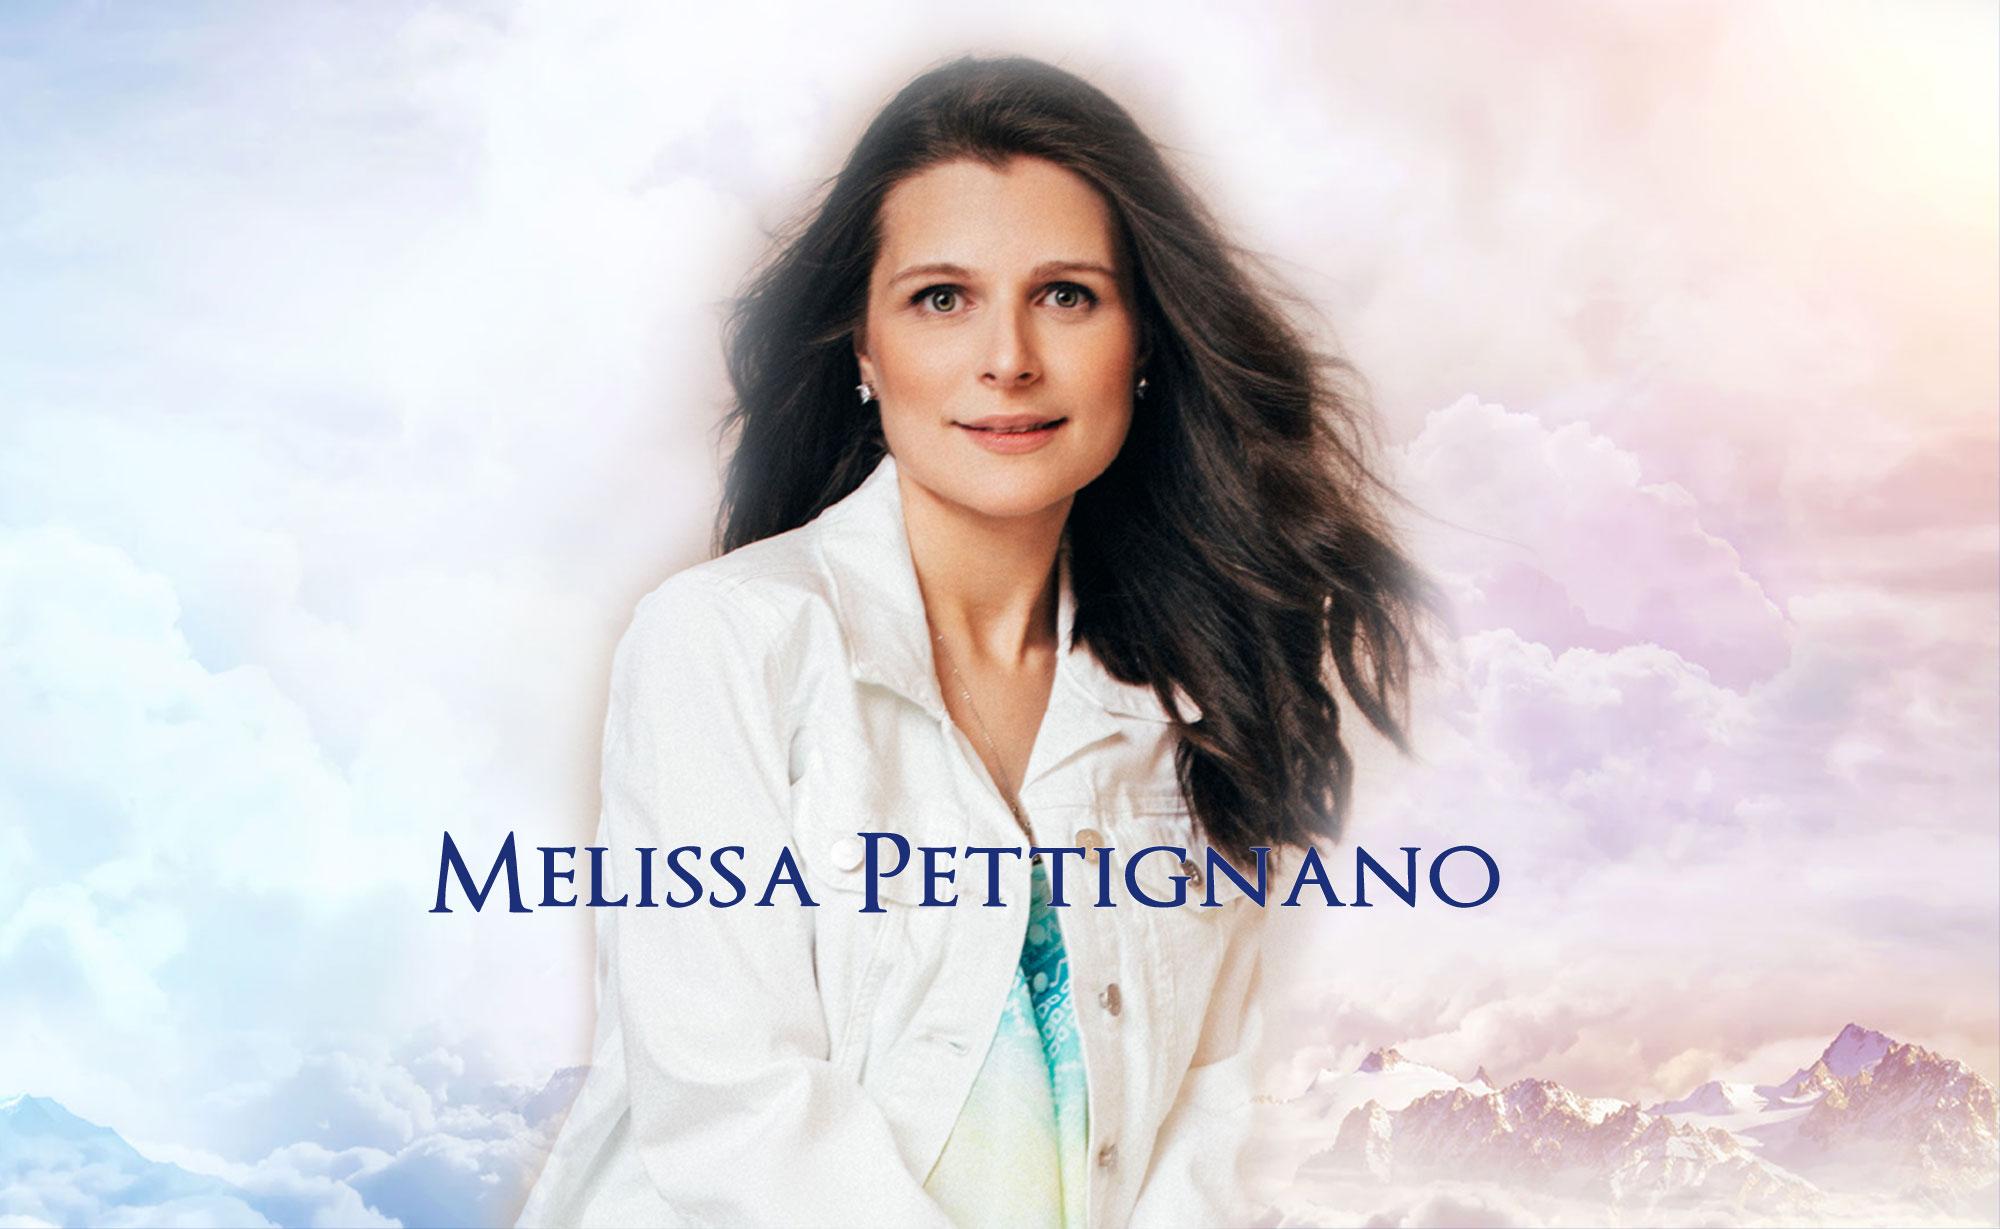 Melissa Pettignano